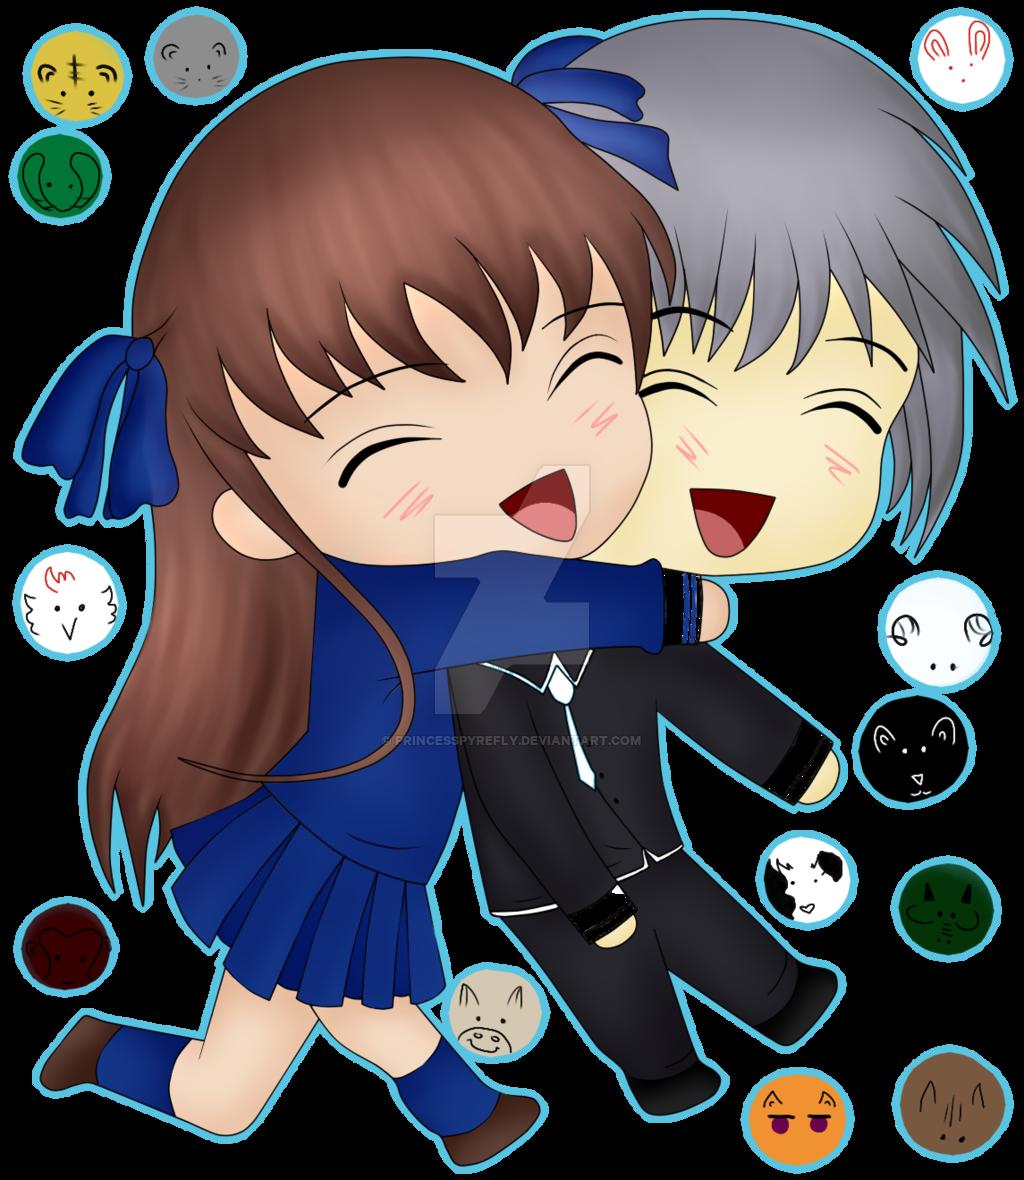 royalty free stock Tohru hugging Yuki